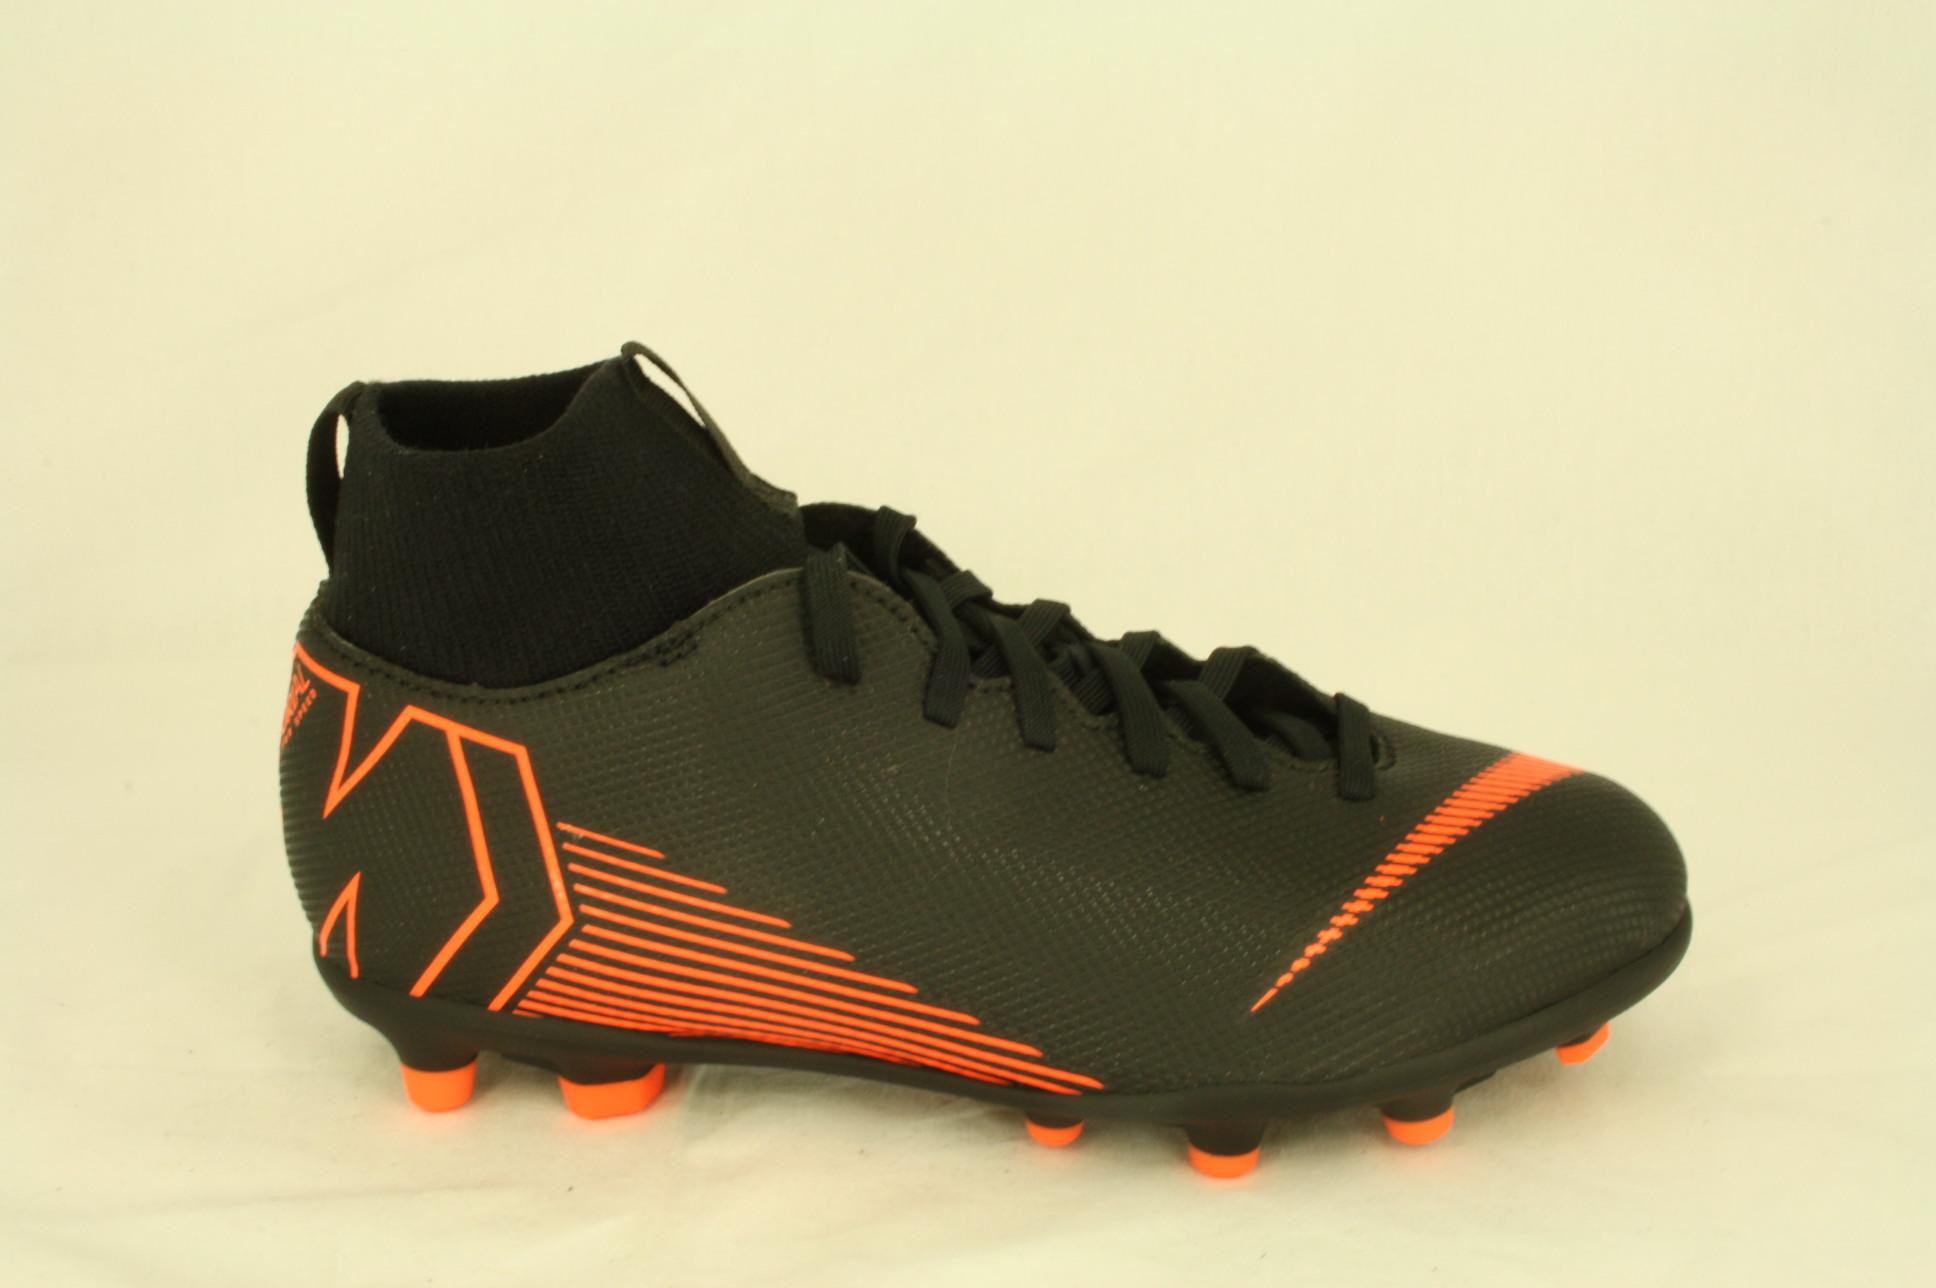 Dwars schoen en sportmode Nike: voetbalschoen, Mercurial, zwart + sok, maat 35 tm 39 € 54,99